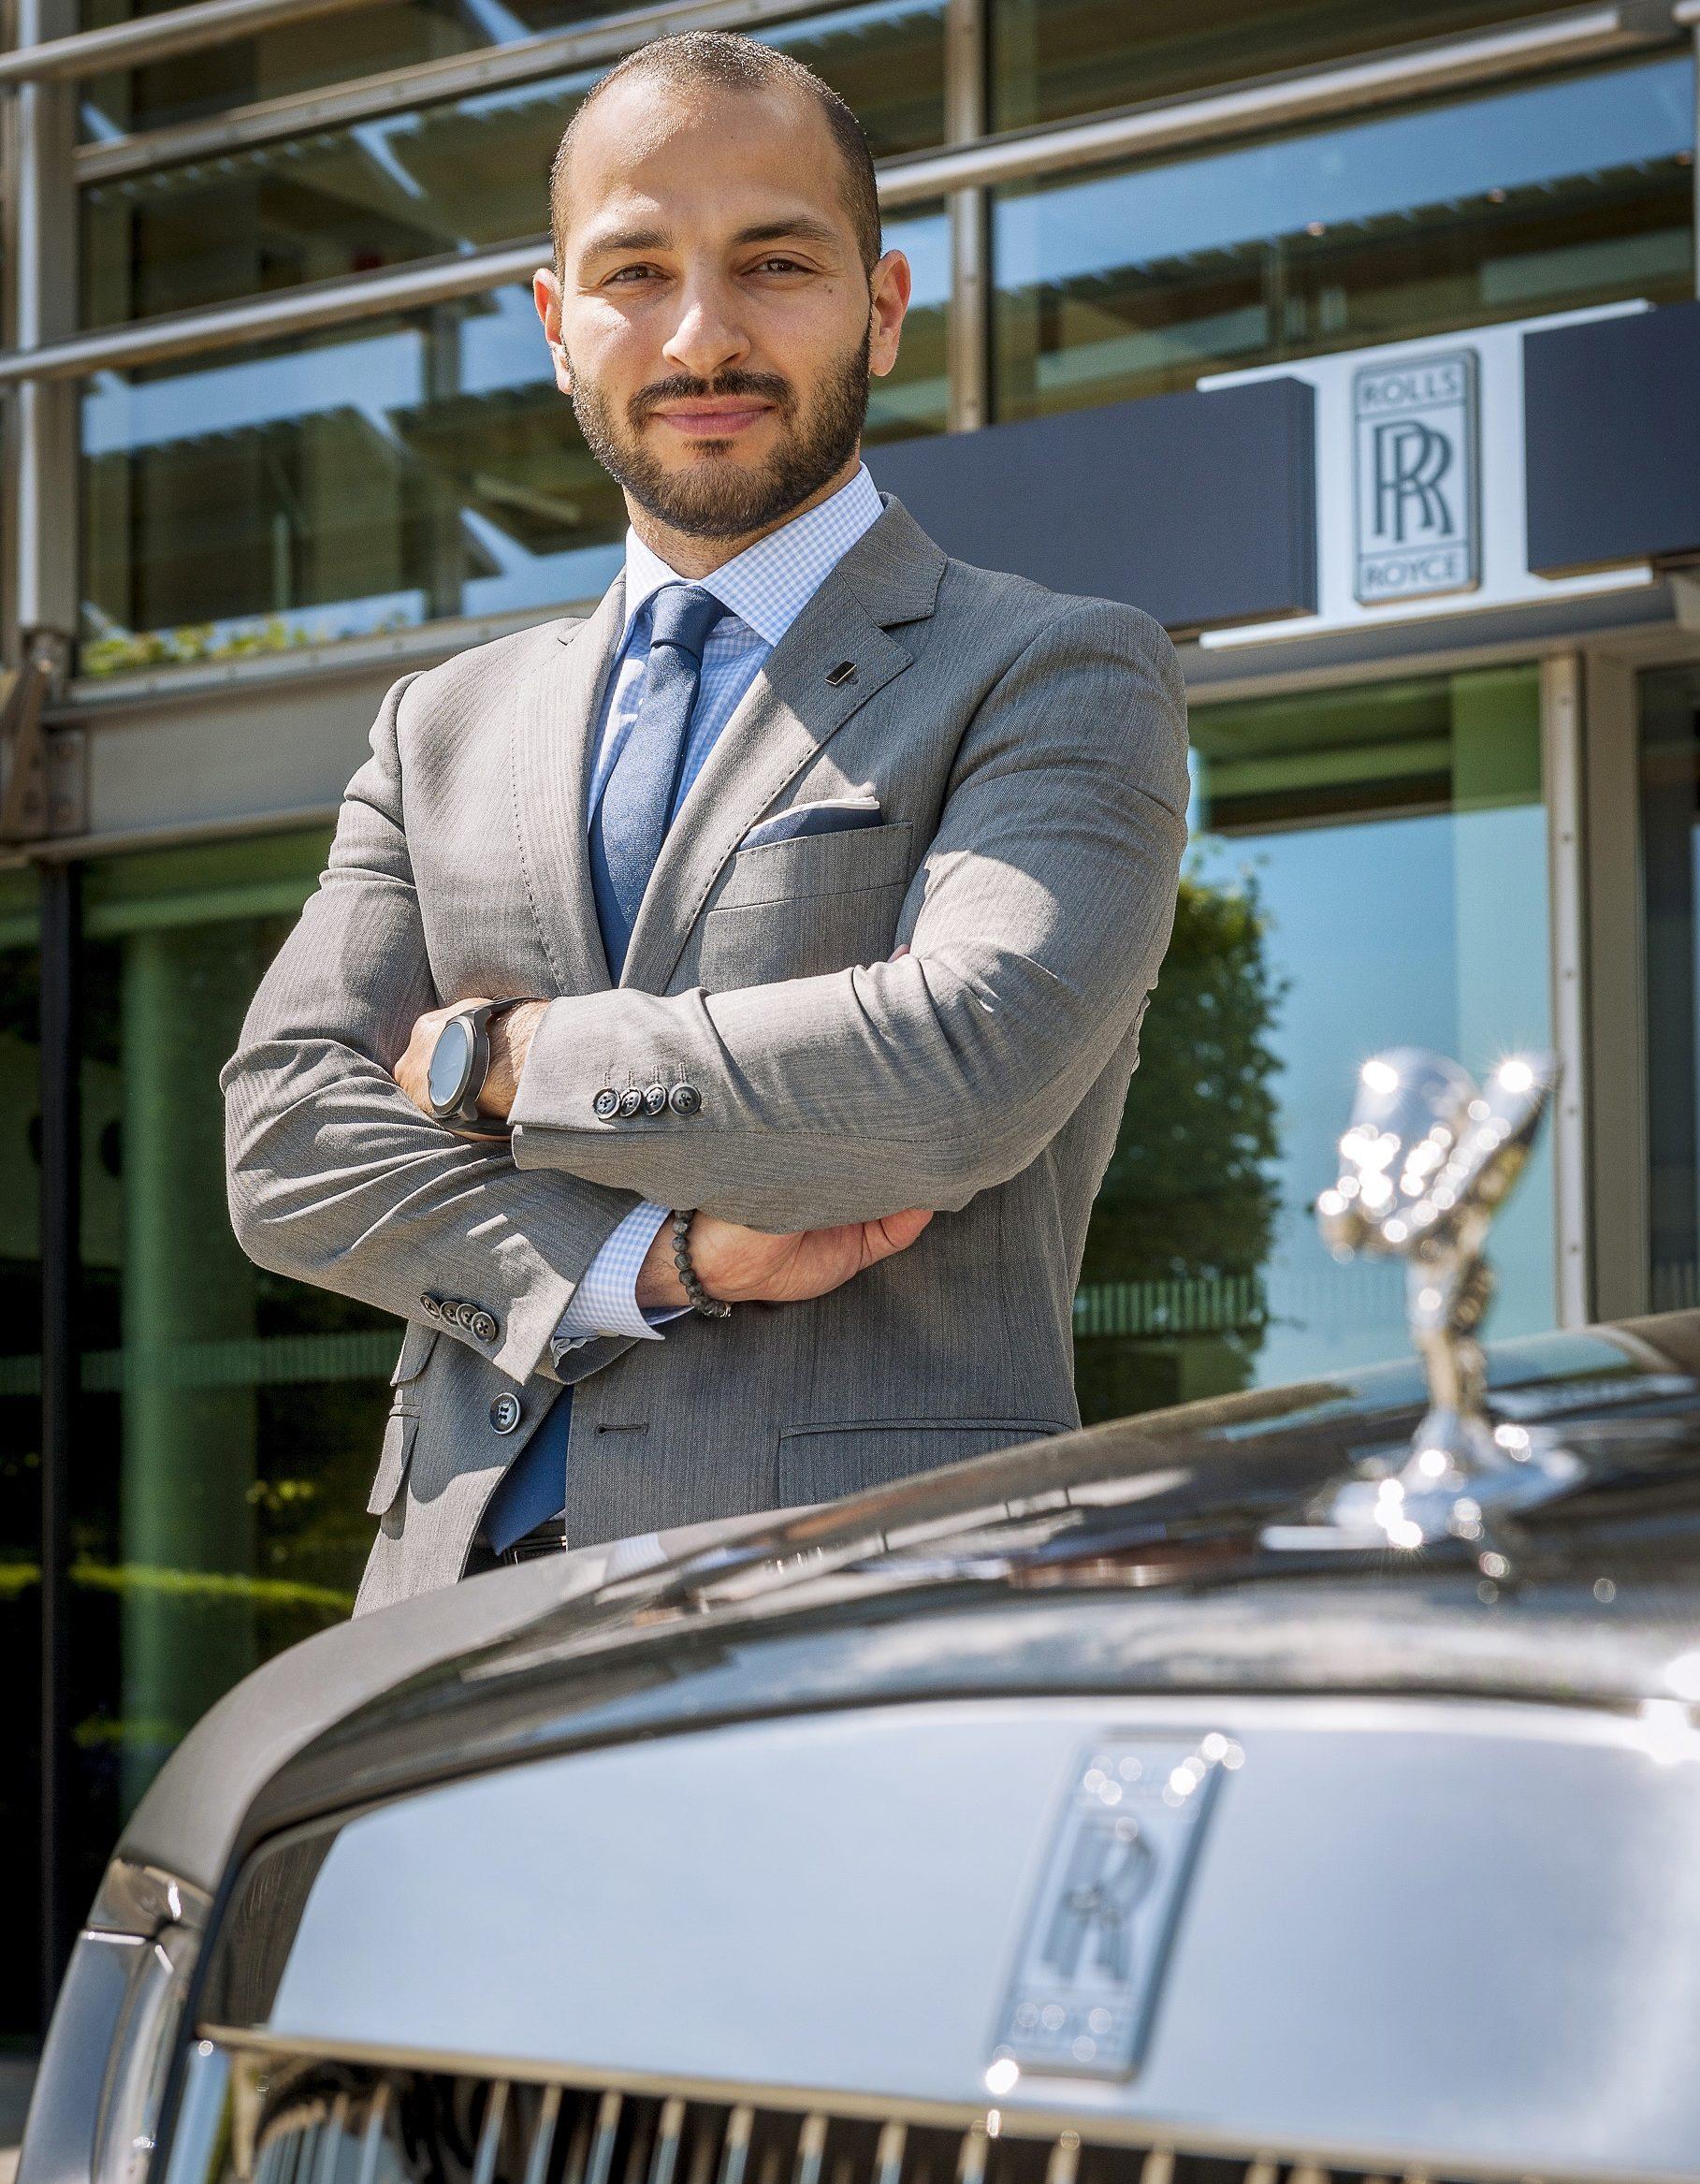 الشاب رامي جودي مديراً للاتصال والعلاقات العامة لمنطقة الشرق الأوسط وأفريقيا والهند في رولز-رويس